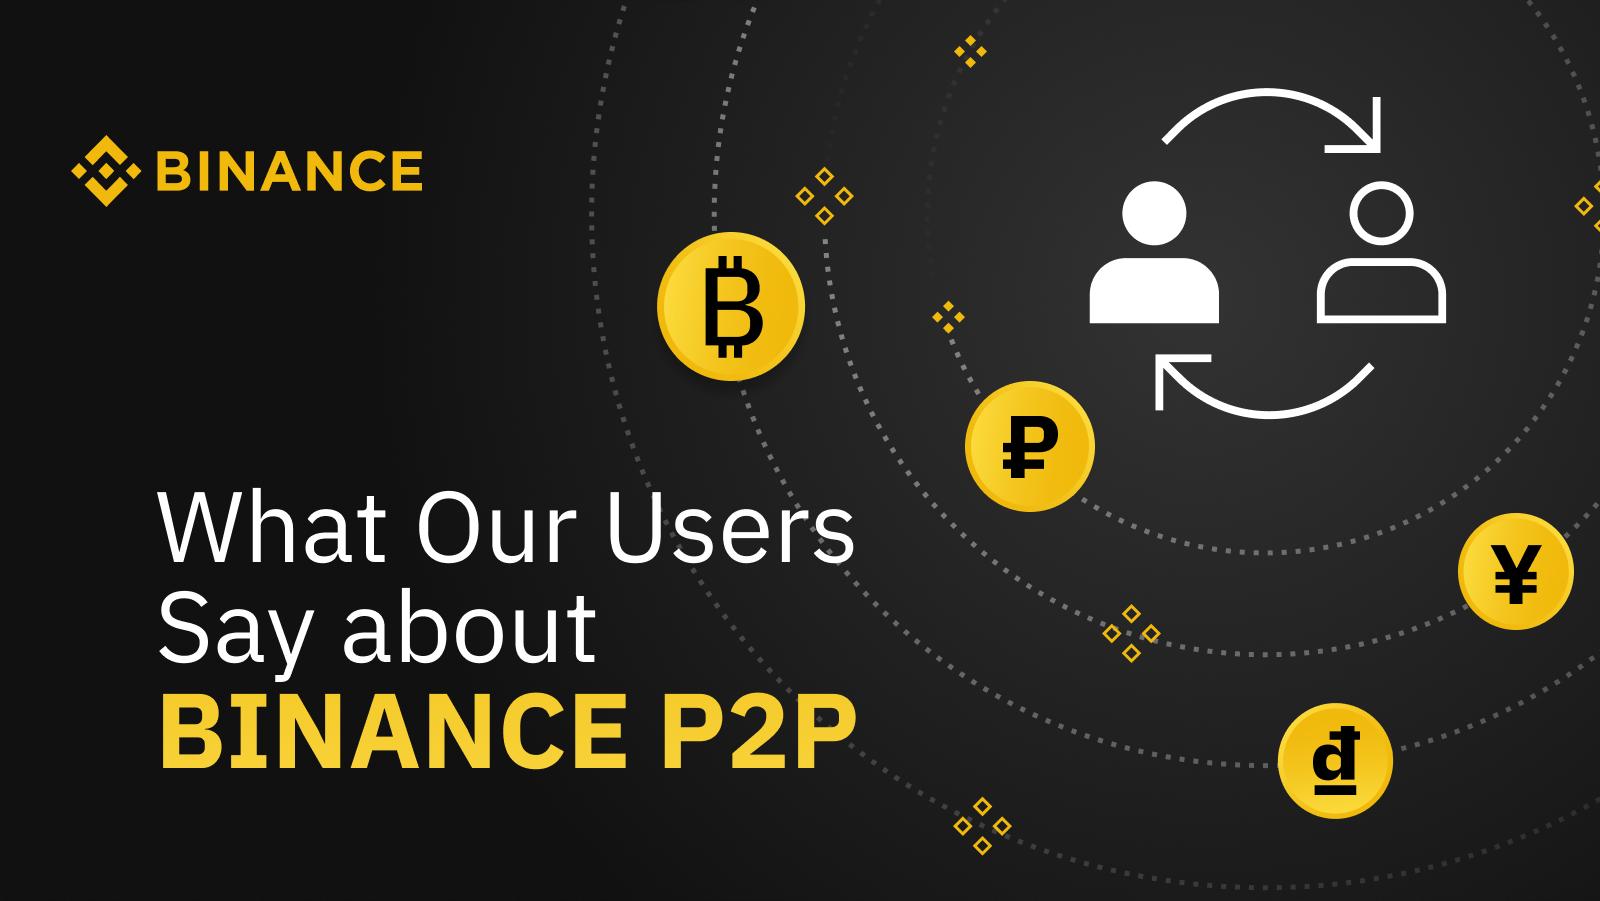 Deberías probar la plataforma Binance P2P? Lea lo que dicen ...